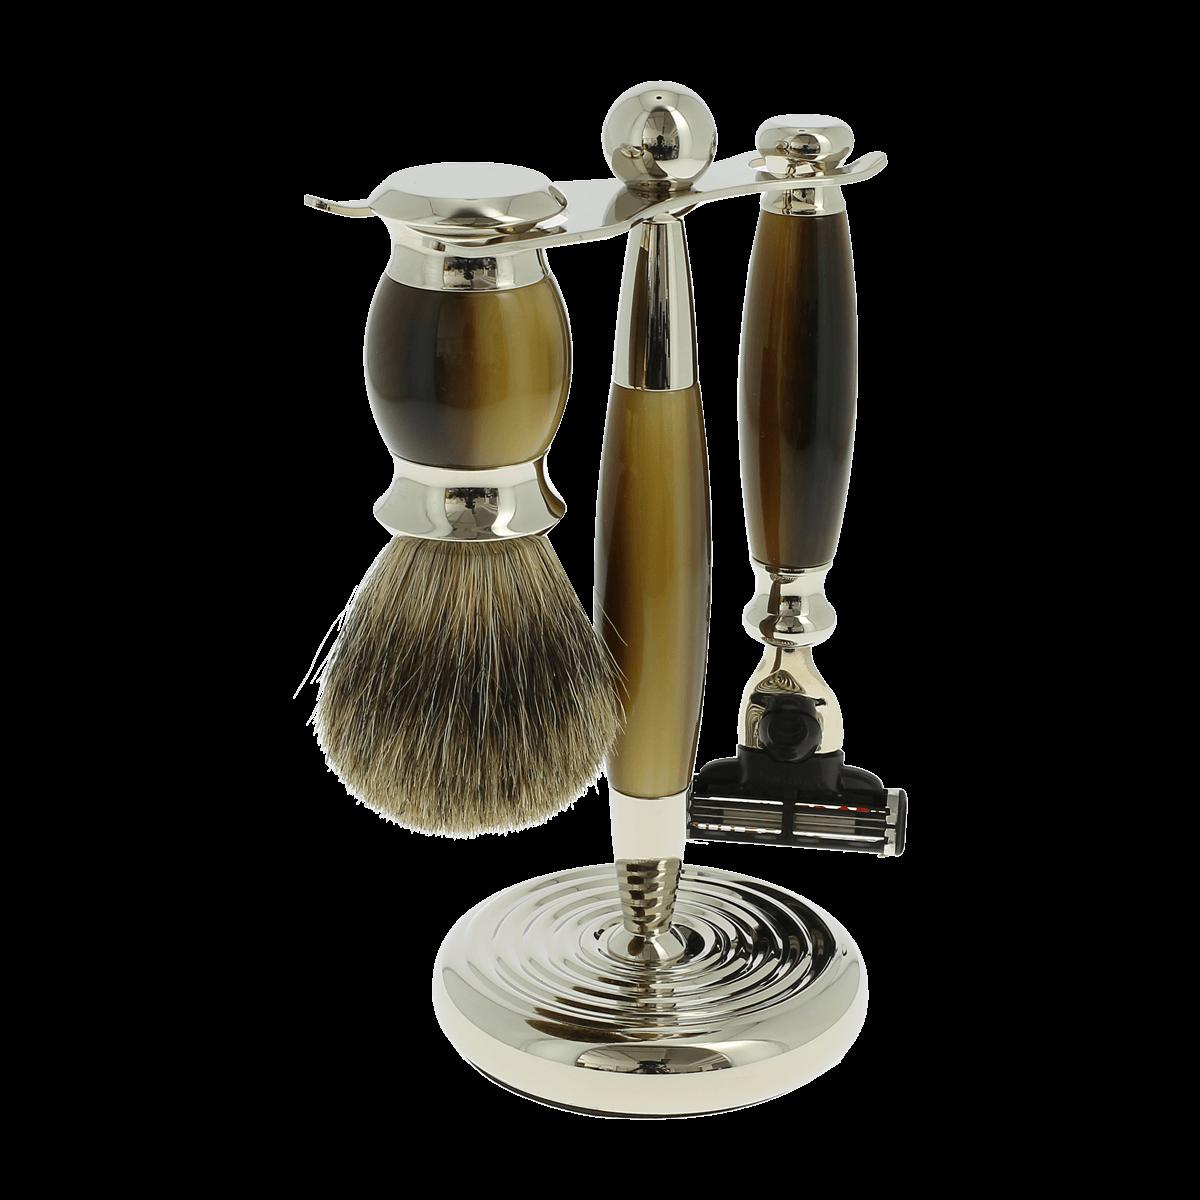 Vulfix Edwardian Faux Horn Shaving set suitable for Mach 3